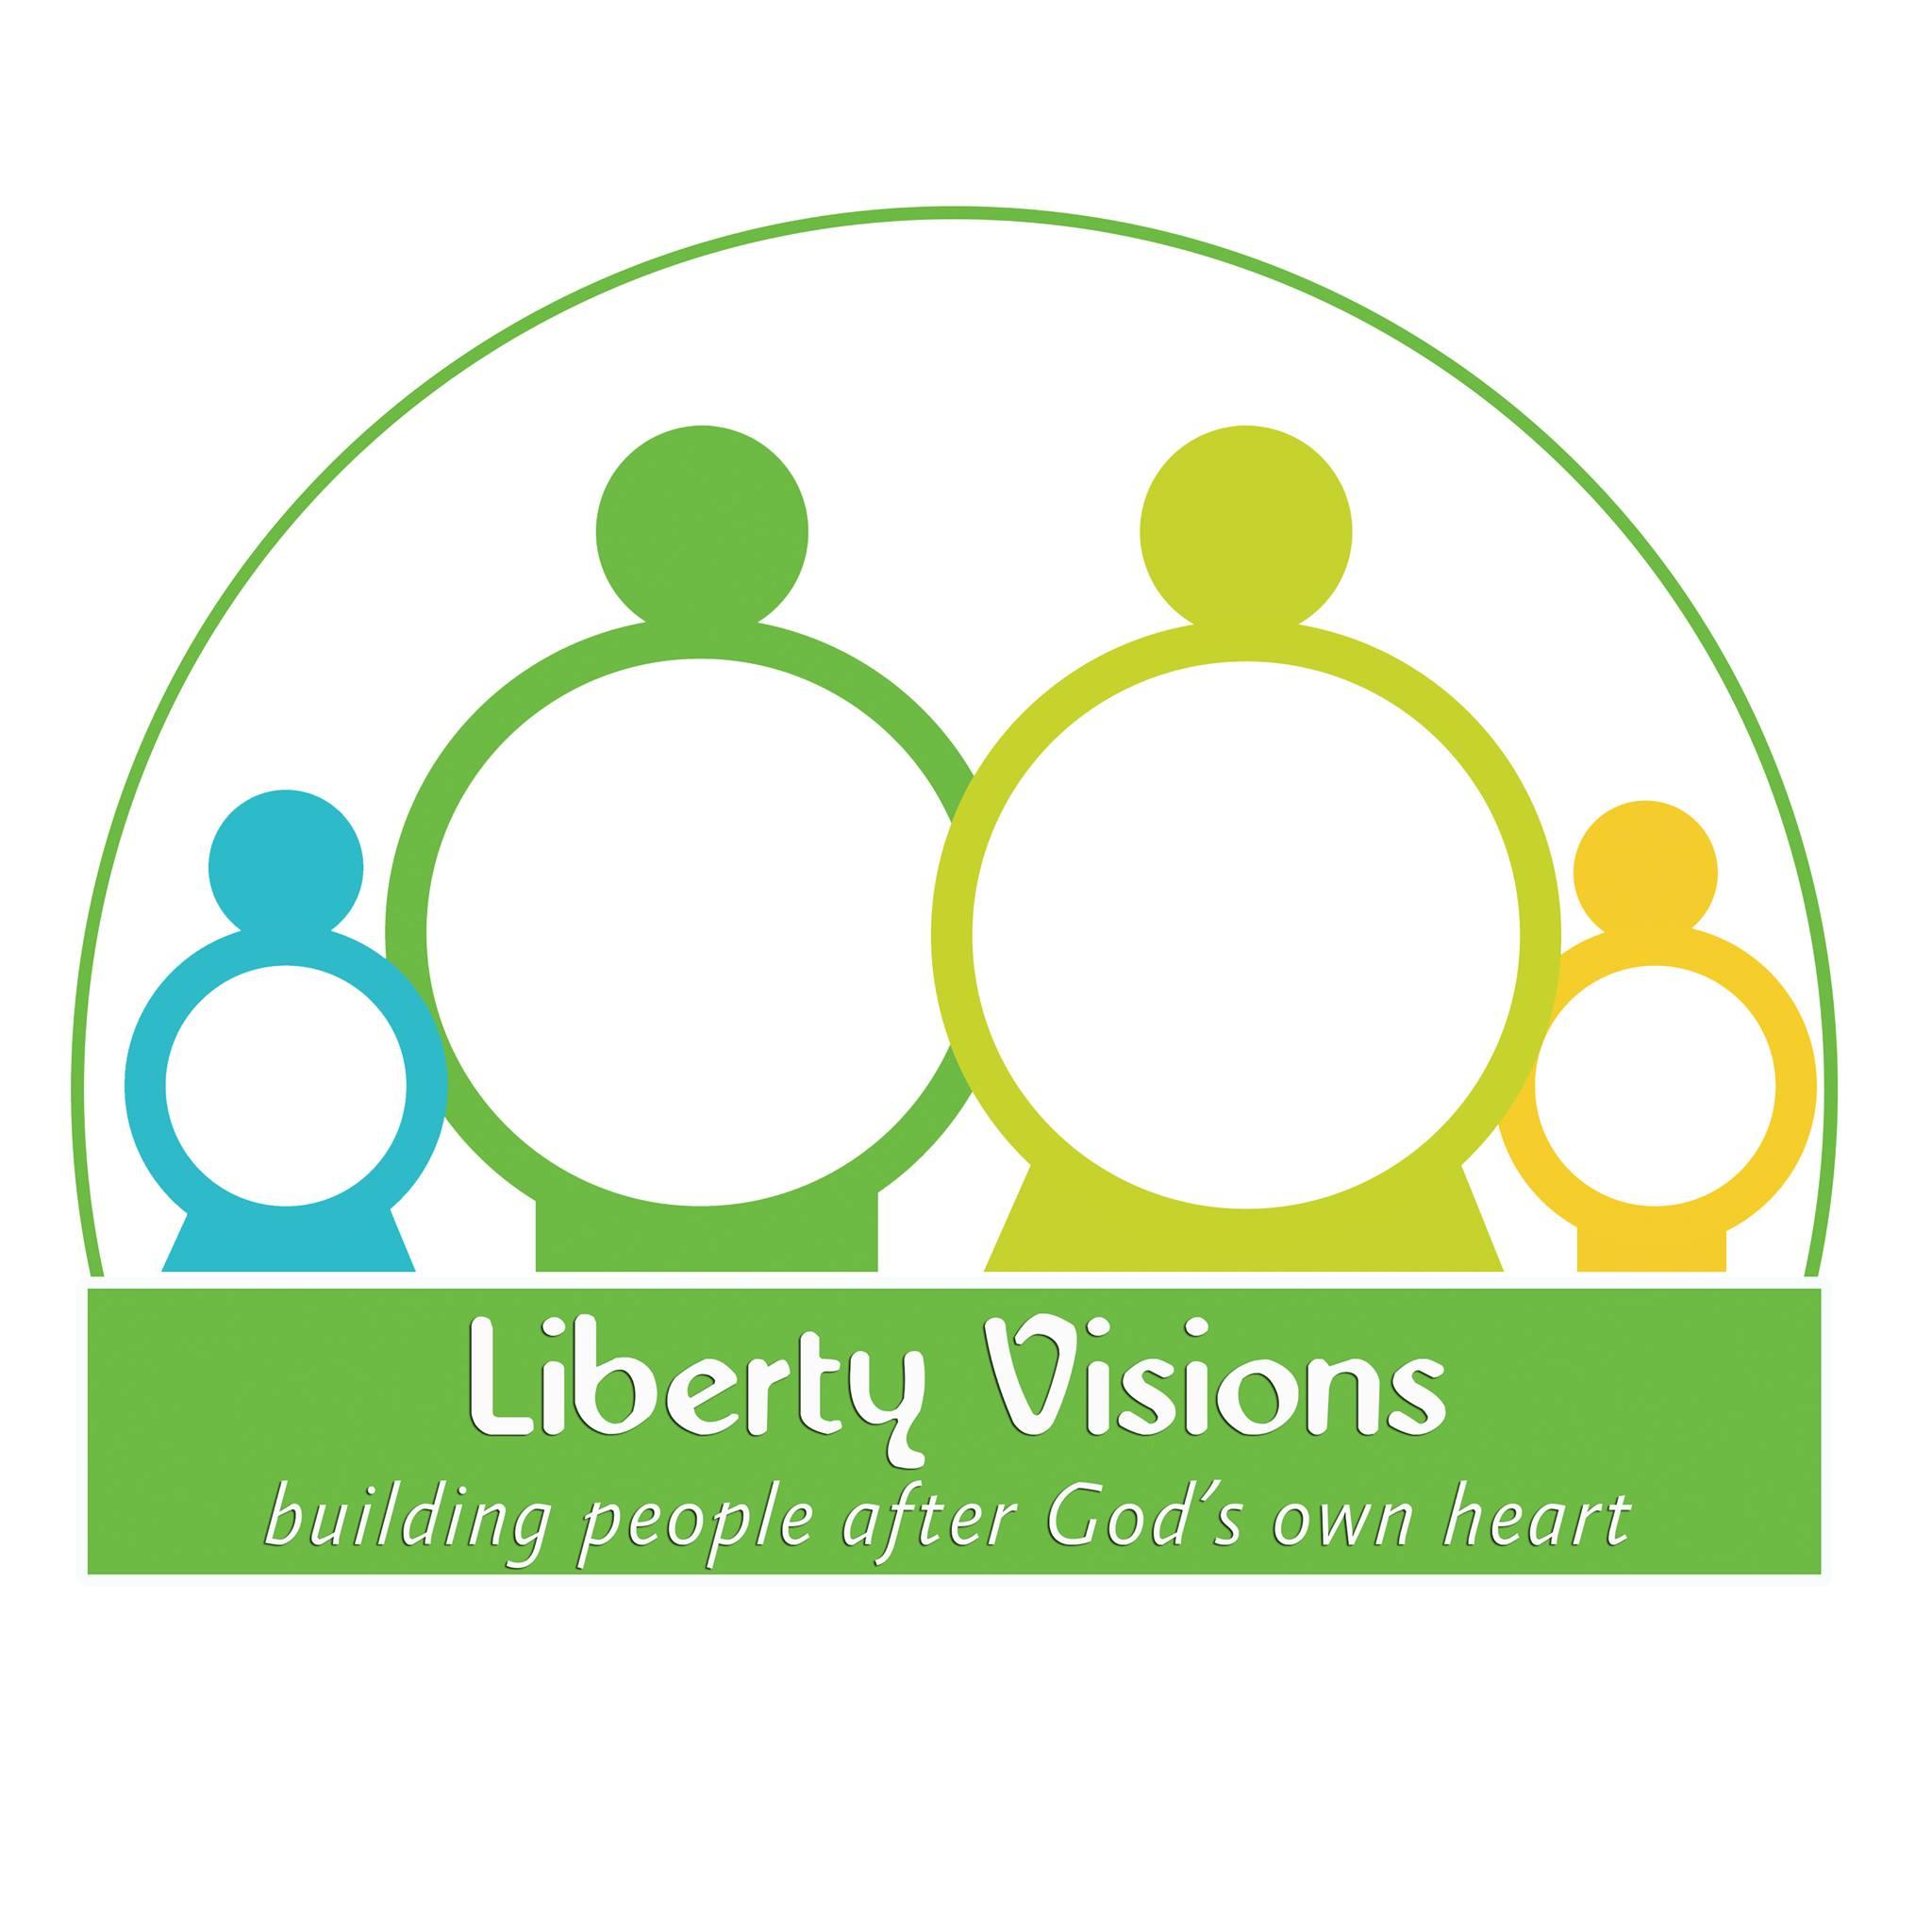 liberty visions